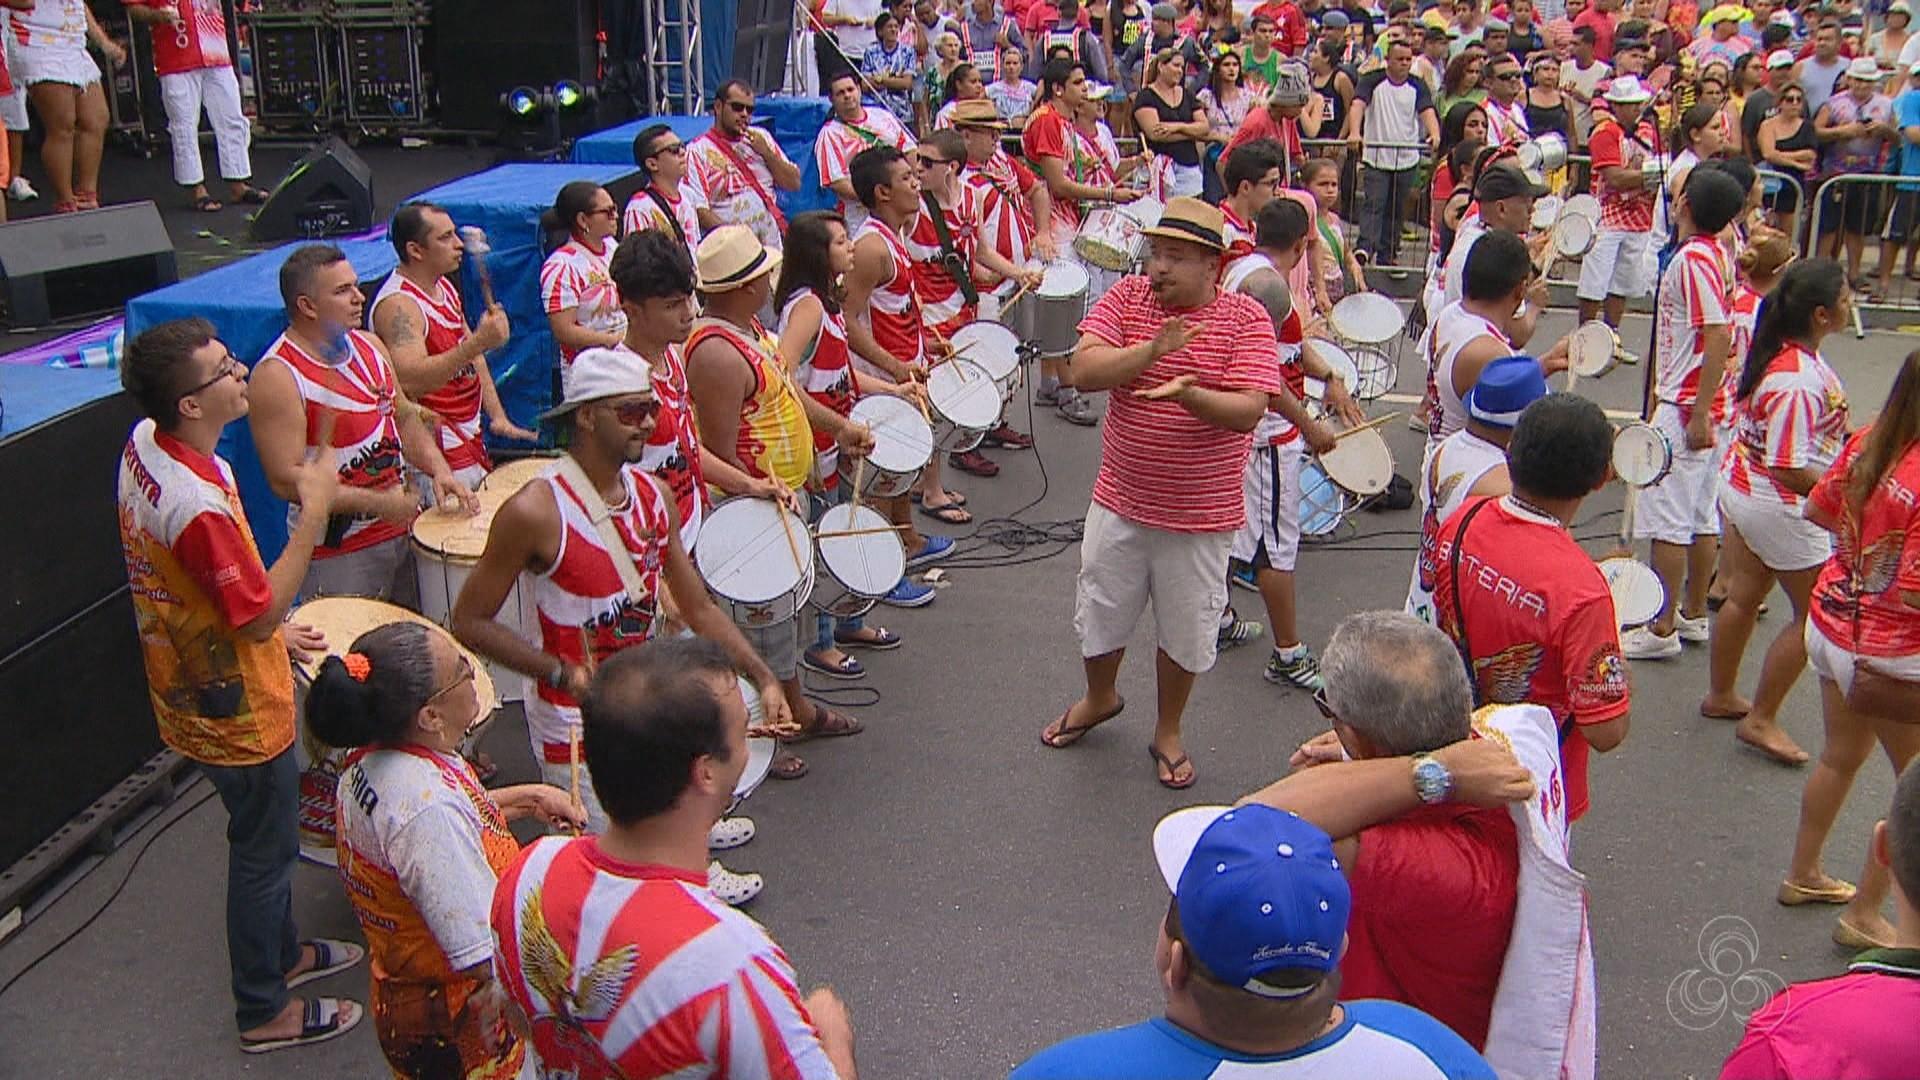 Foliões se preparam para o esquenta da Banda do Bolevard, em Manaus (Foto: Bom Dia Amazônia)